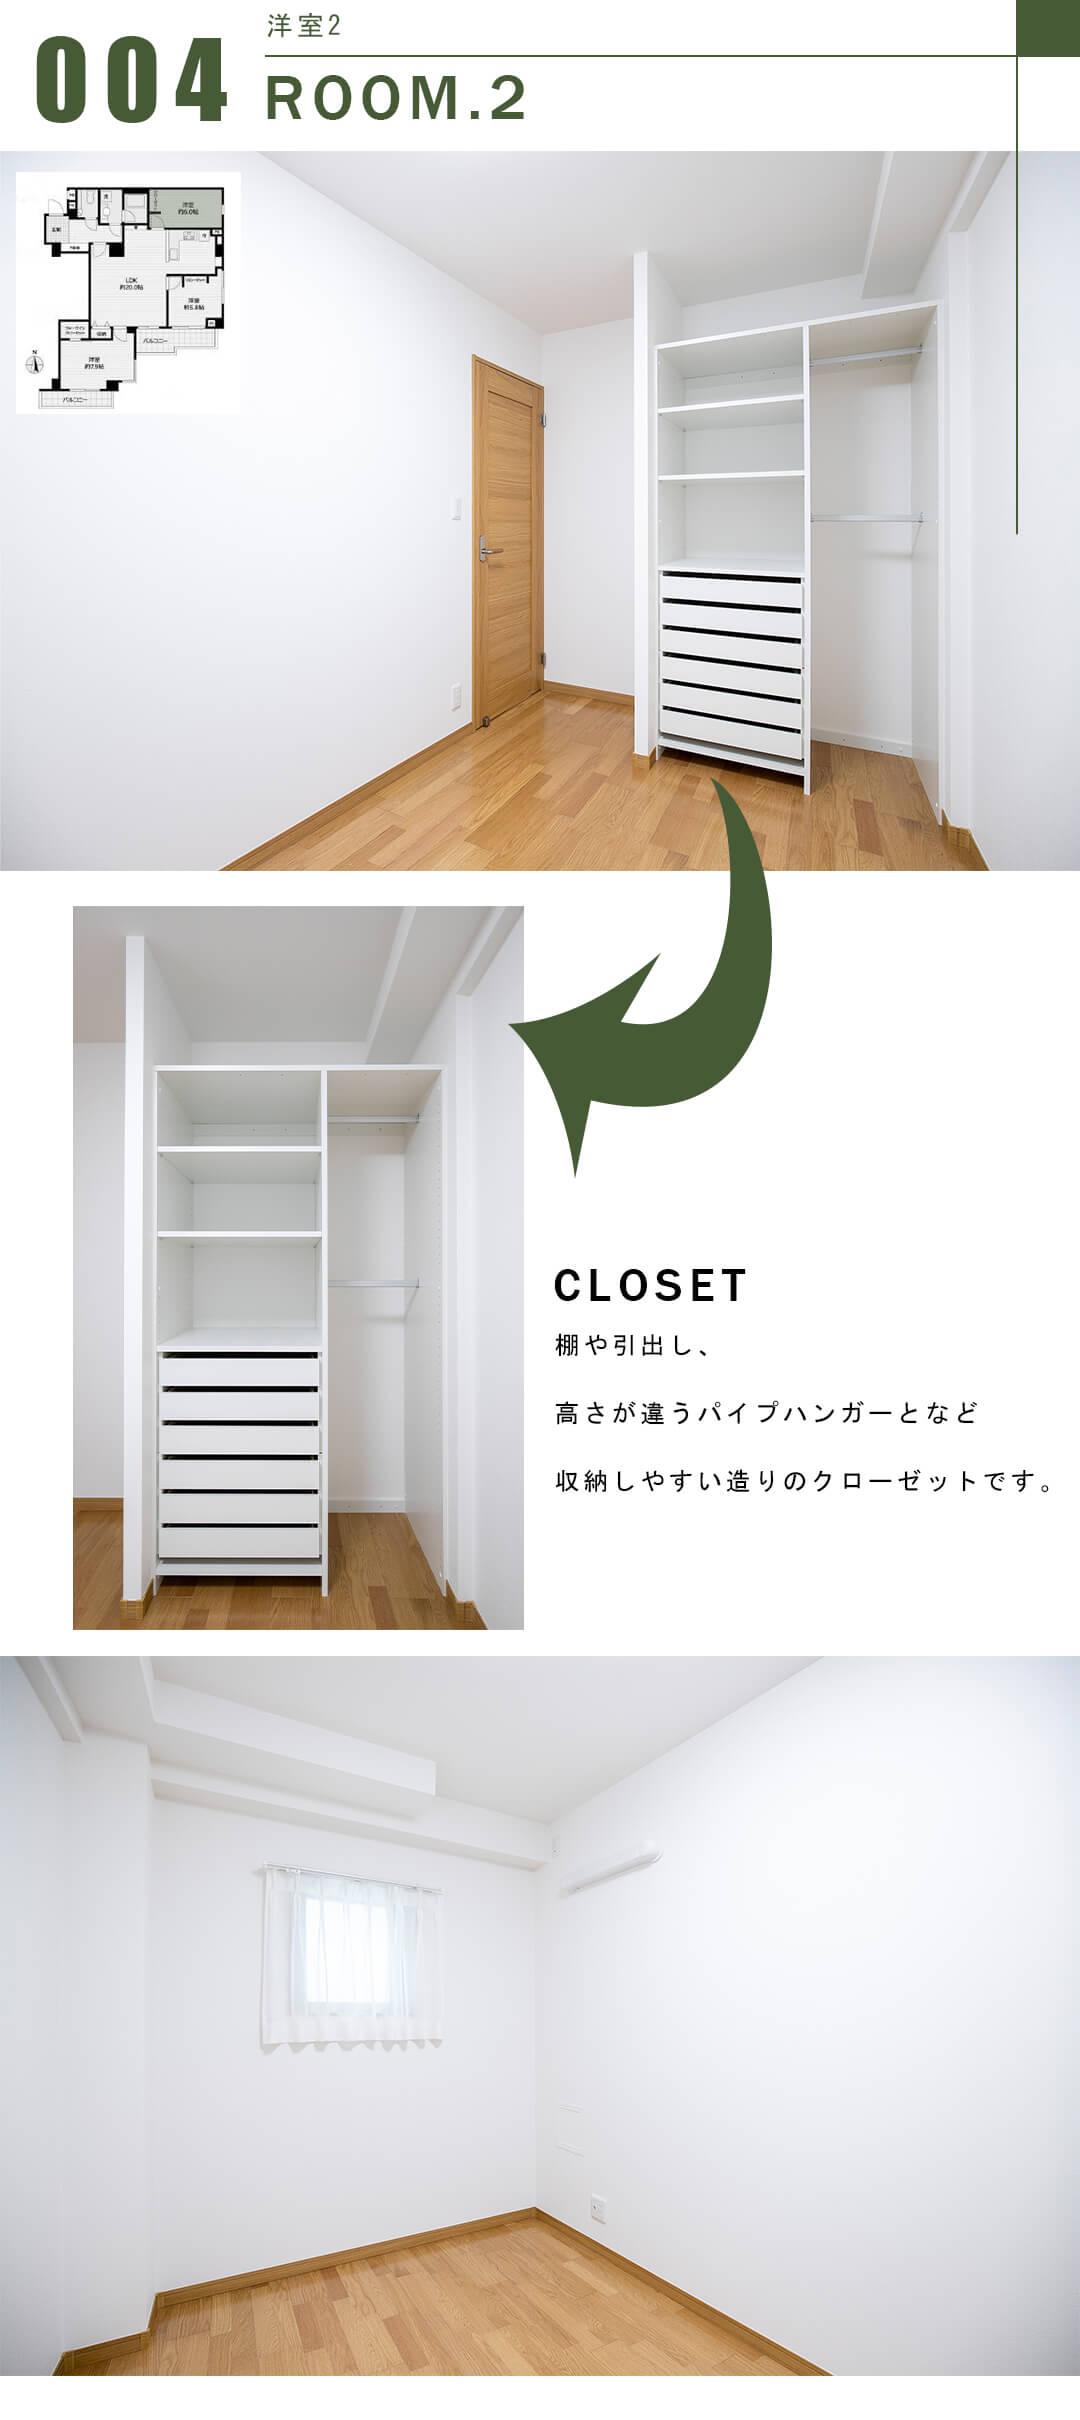 004洋室2,ROOM.2